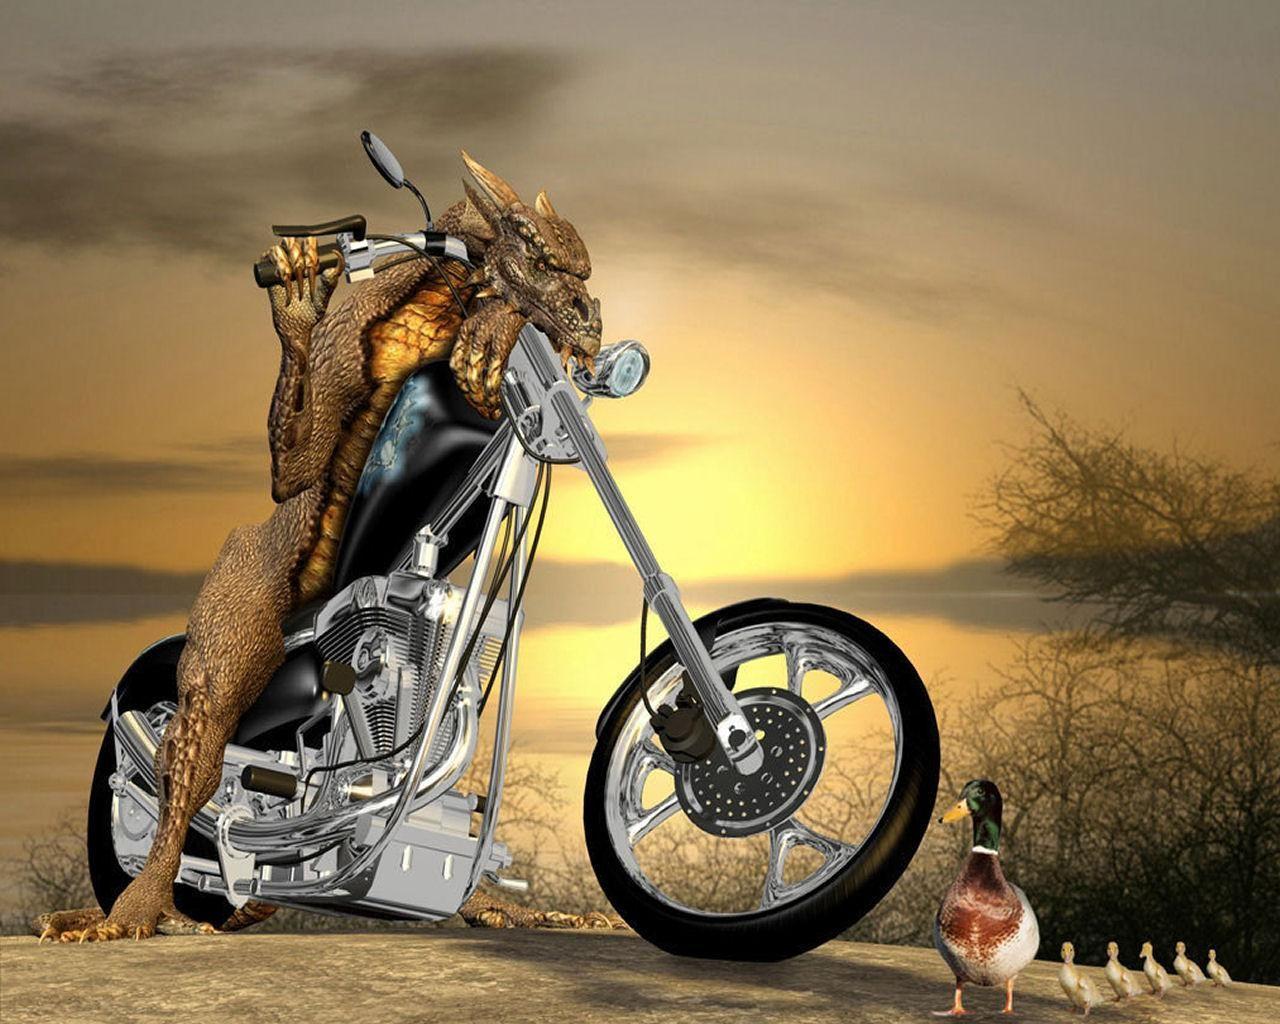 Funnydragonbike